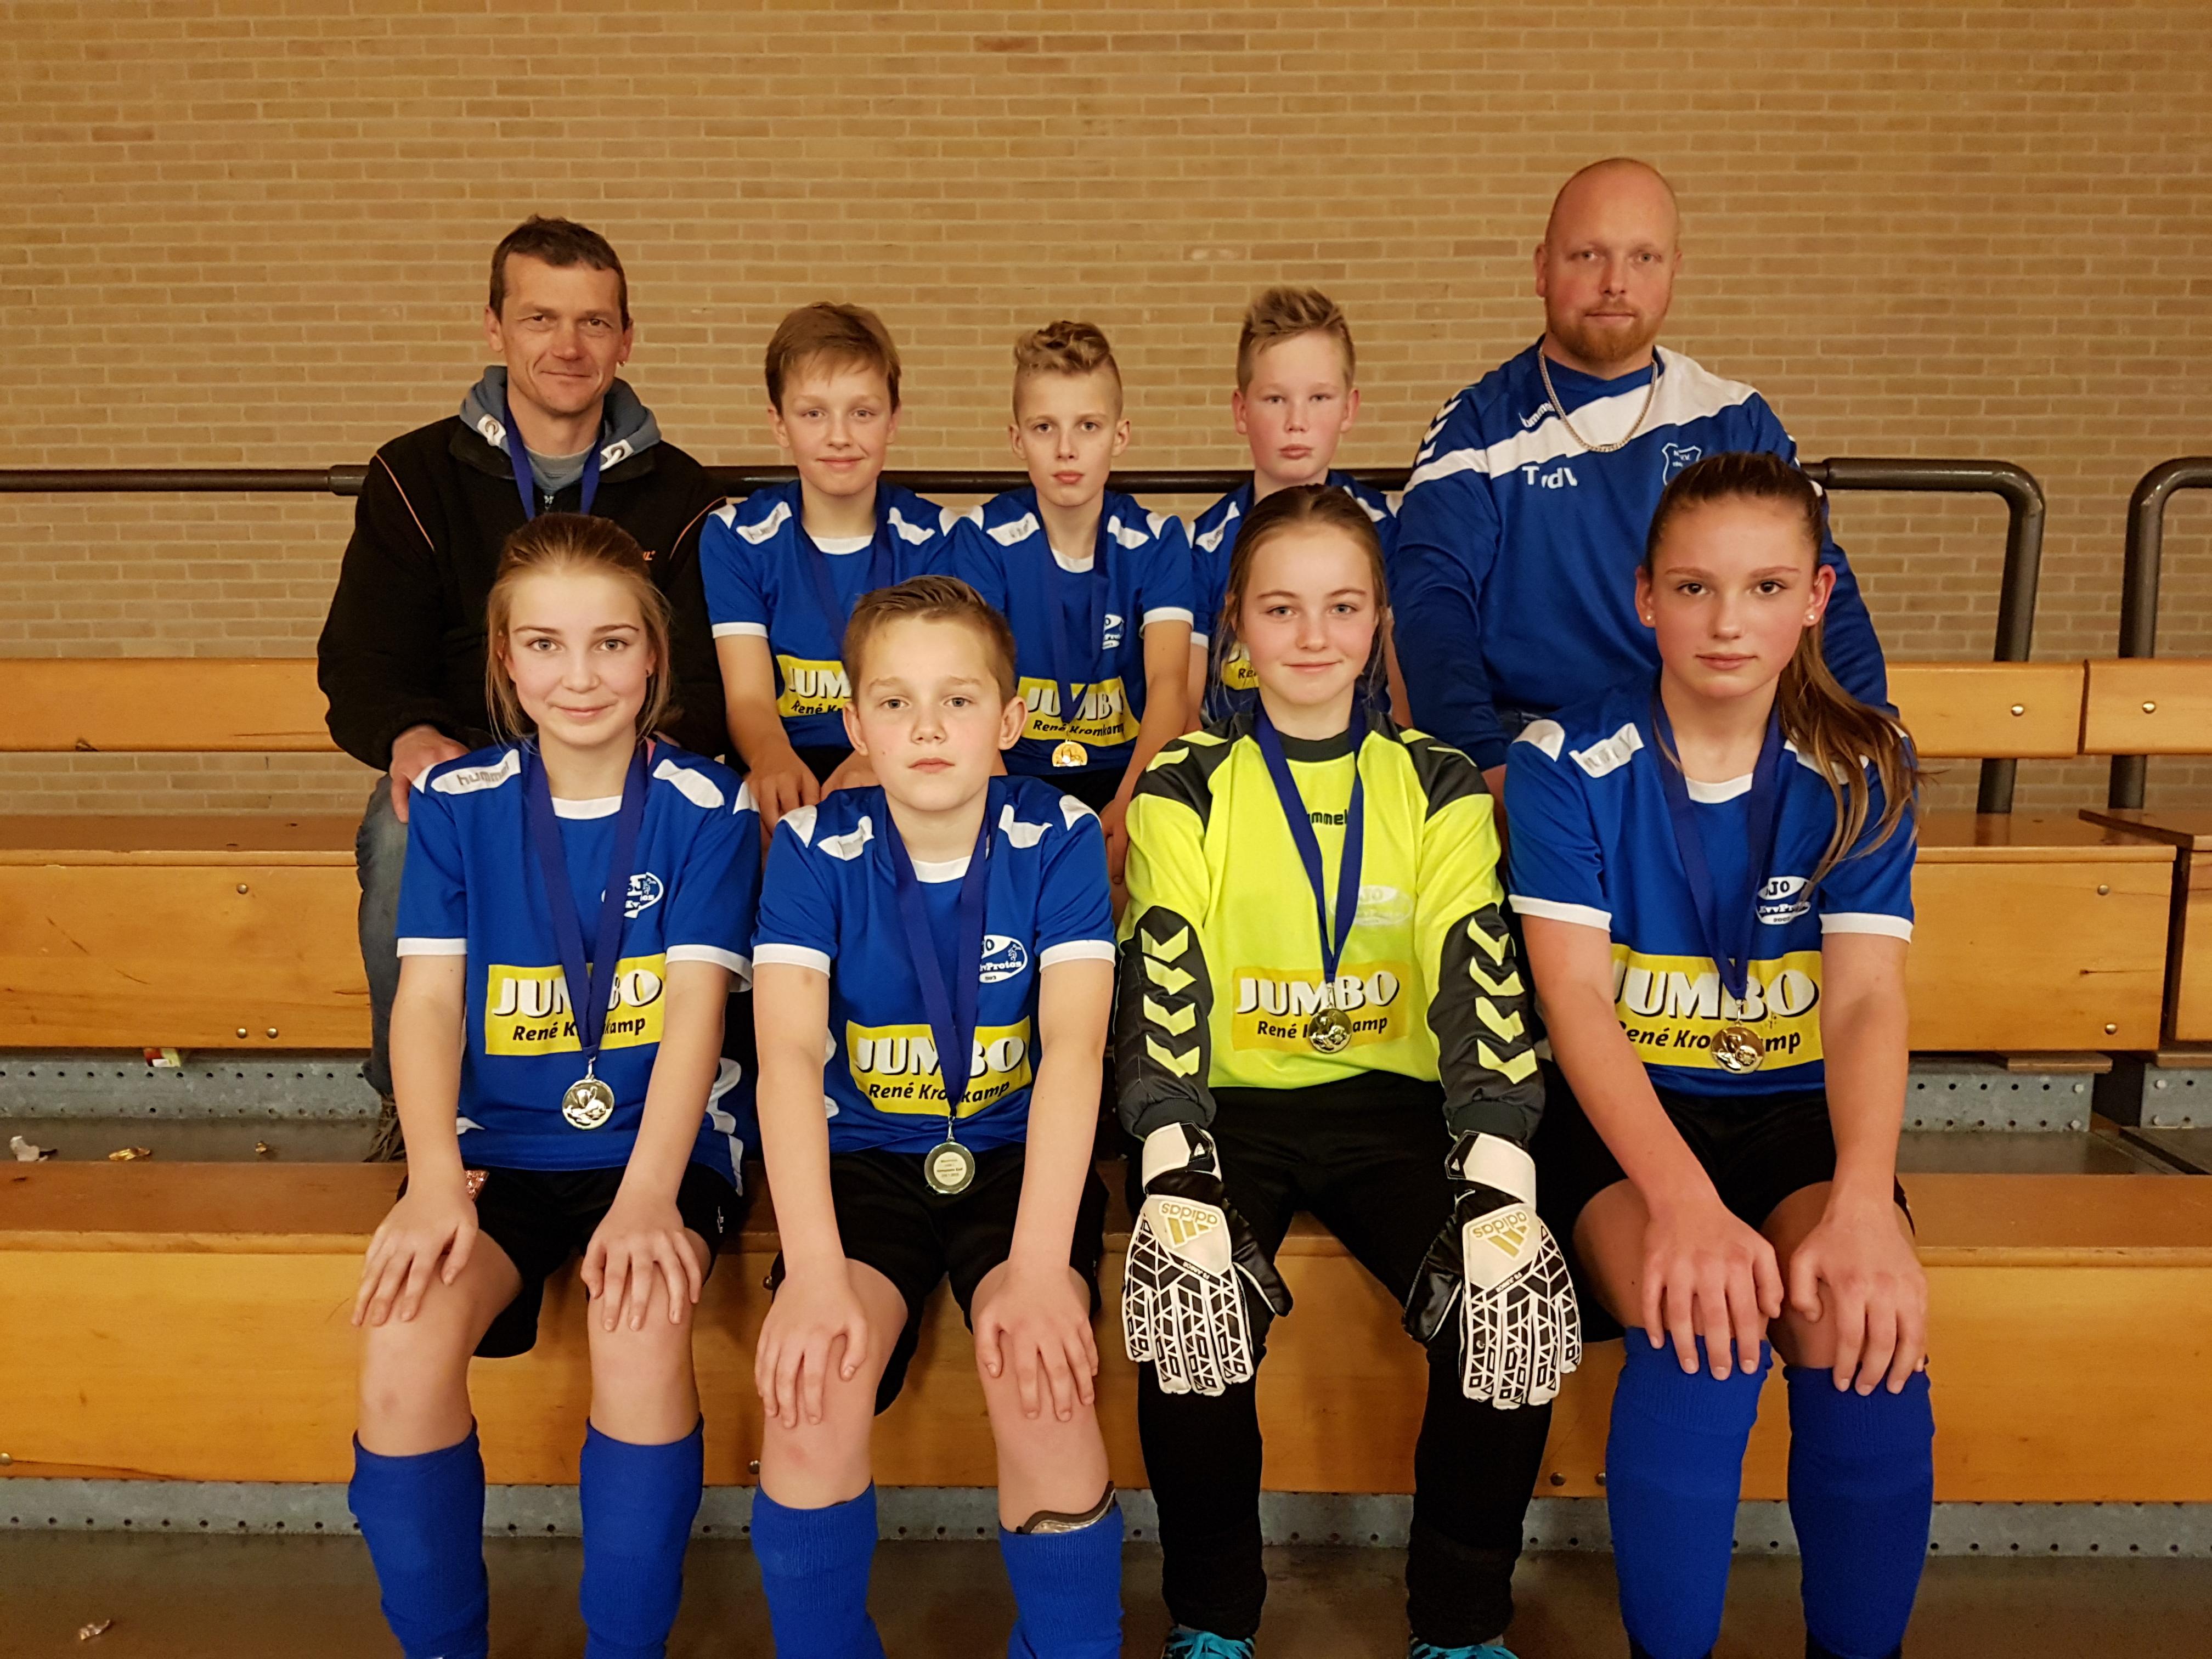 JO13-1 Kampioen zaal (9)